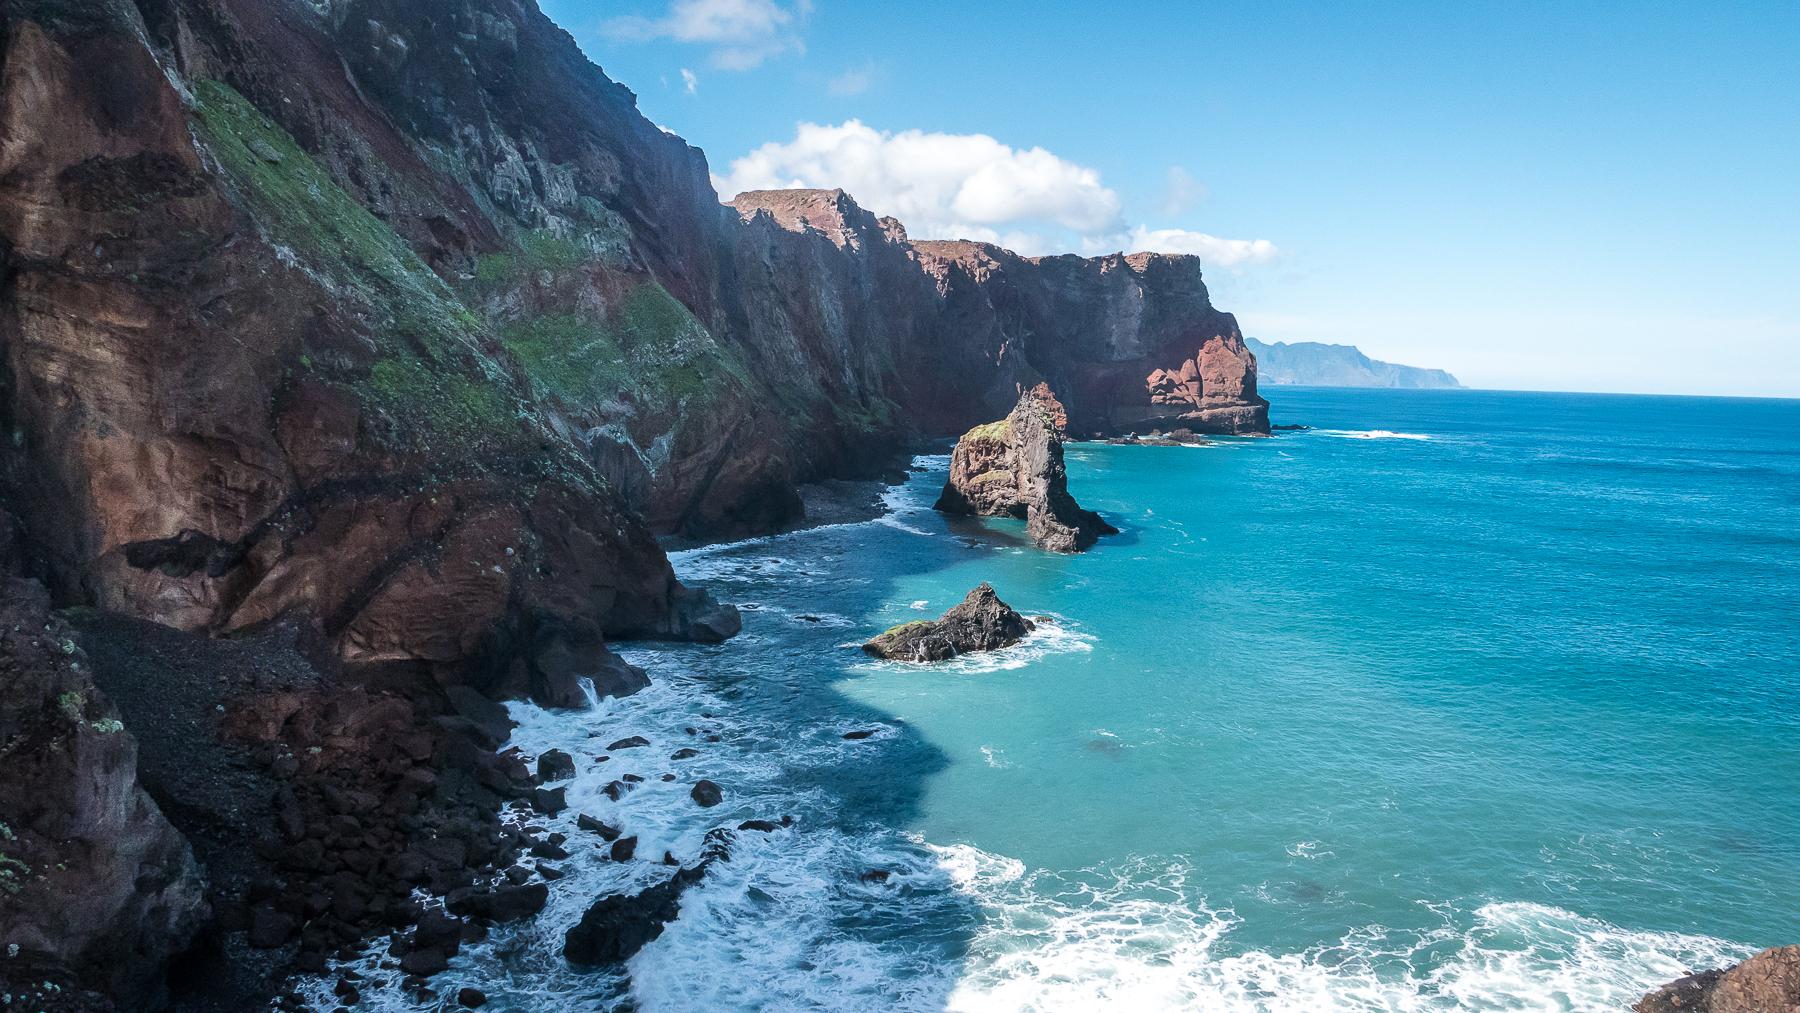 Przylądek świętego Wawrzyńca na Maderze